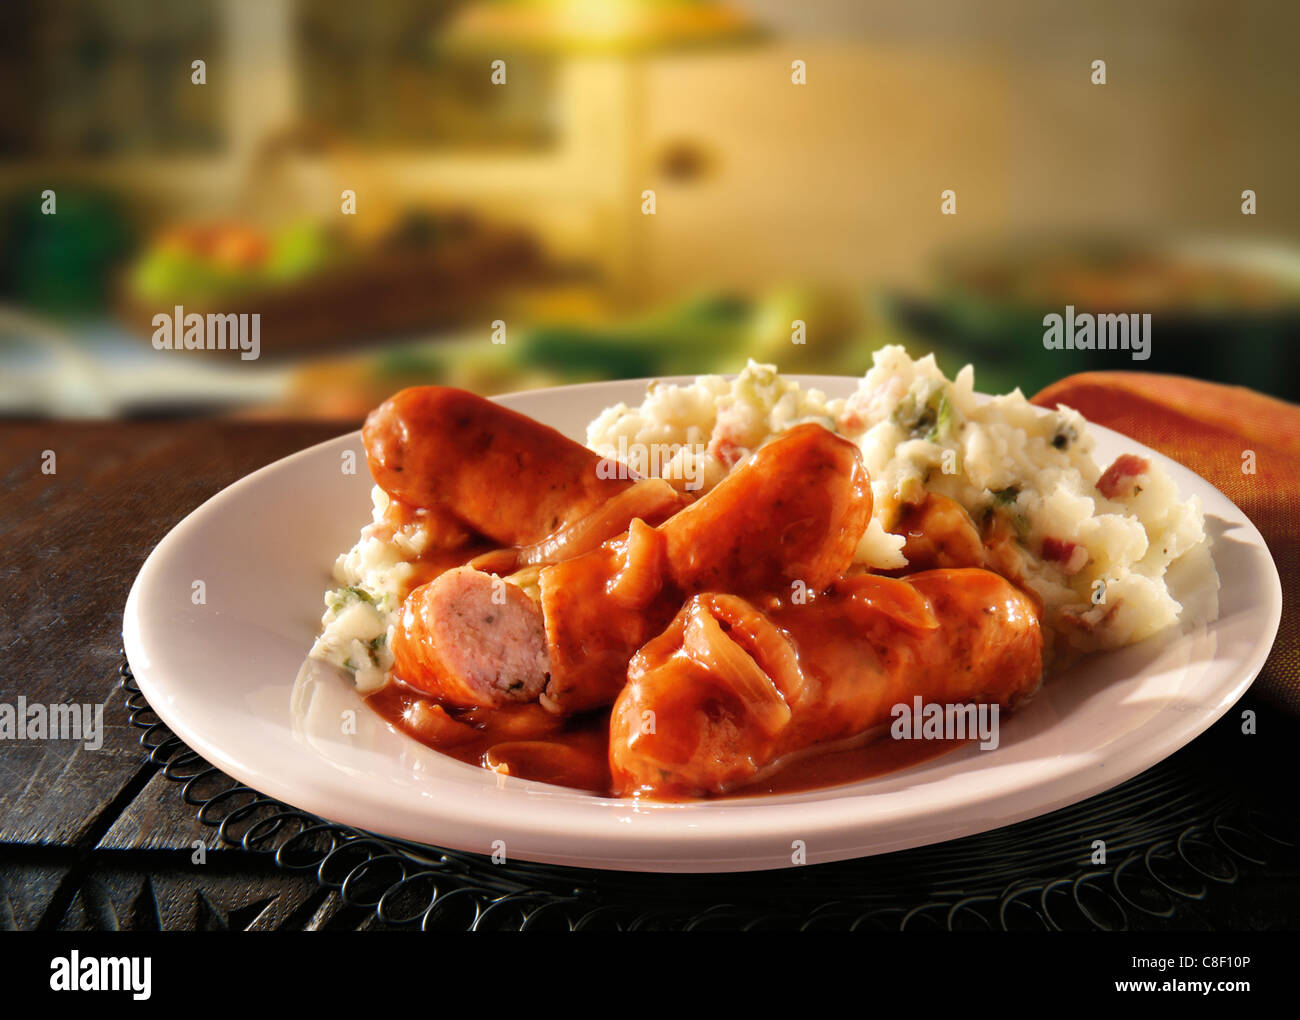 Saucisses cuites traditionnelles et mash servi sur une plaque blanche dans une table prêt à manger Banque D'Images